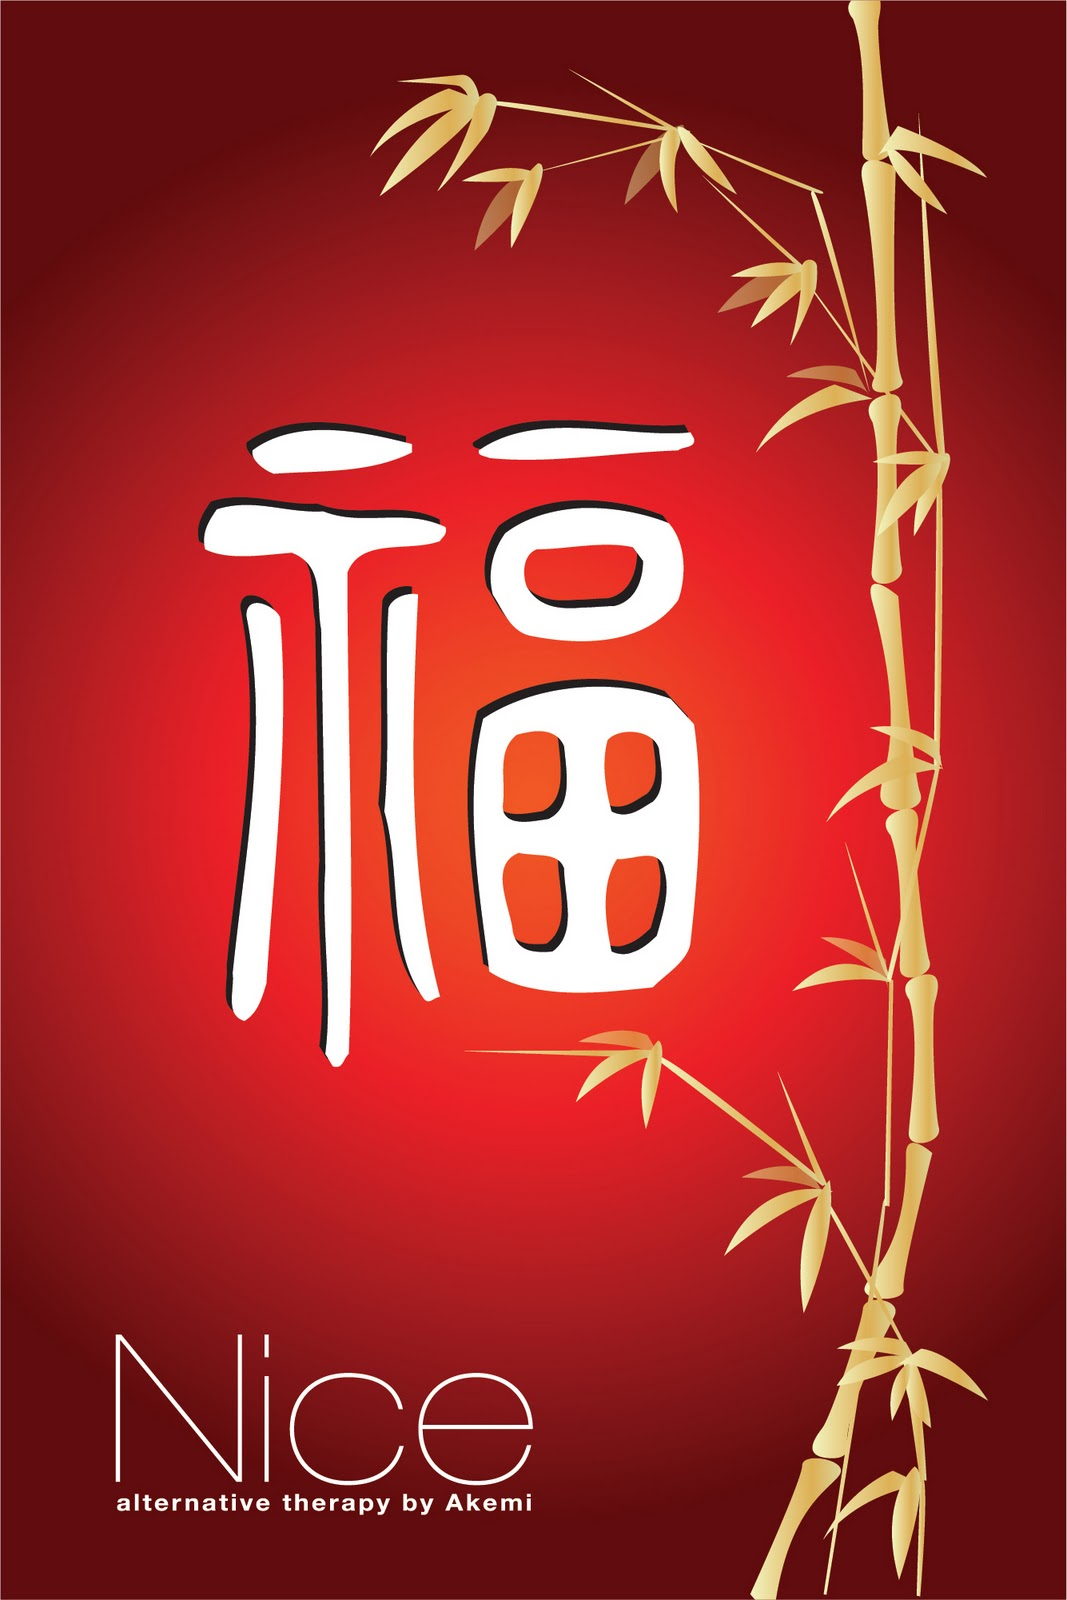 http://4.bp.blogspot.com/_sGOwci2MVpw/TSbNaFE8nwI/AAAAAAAAAW8/BQ5cowZ_prA/s1600/NICE+-+320+x+480.jpg